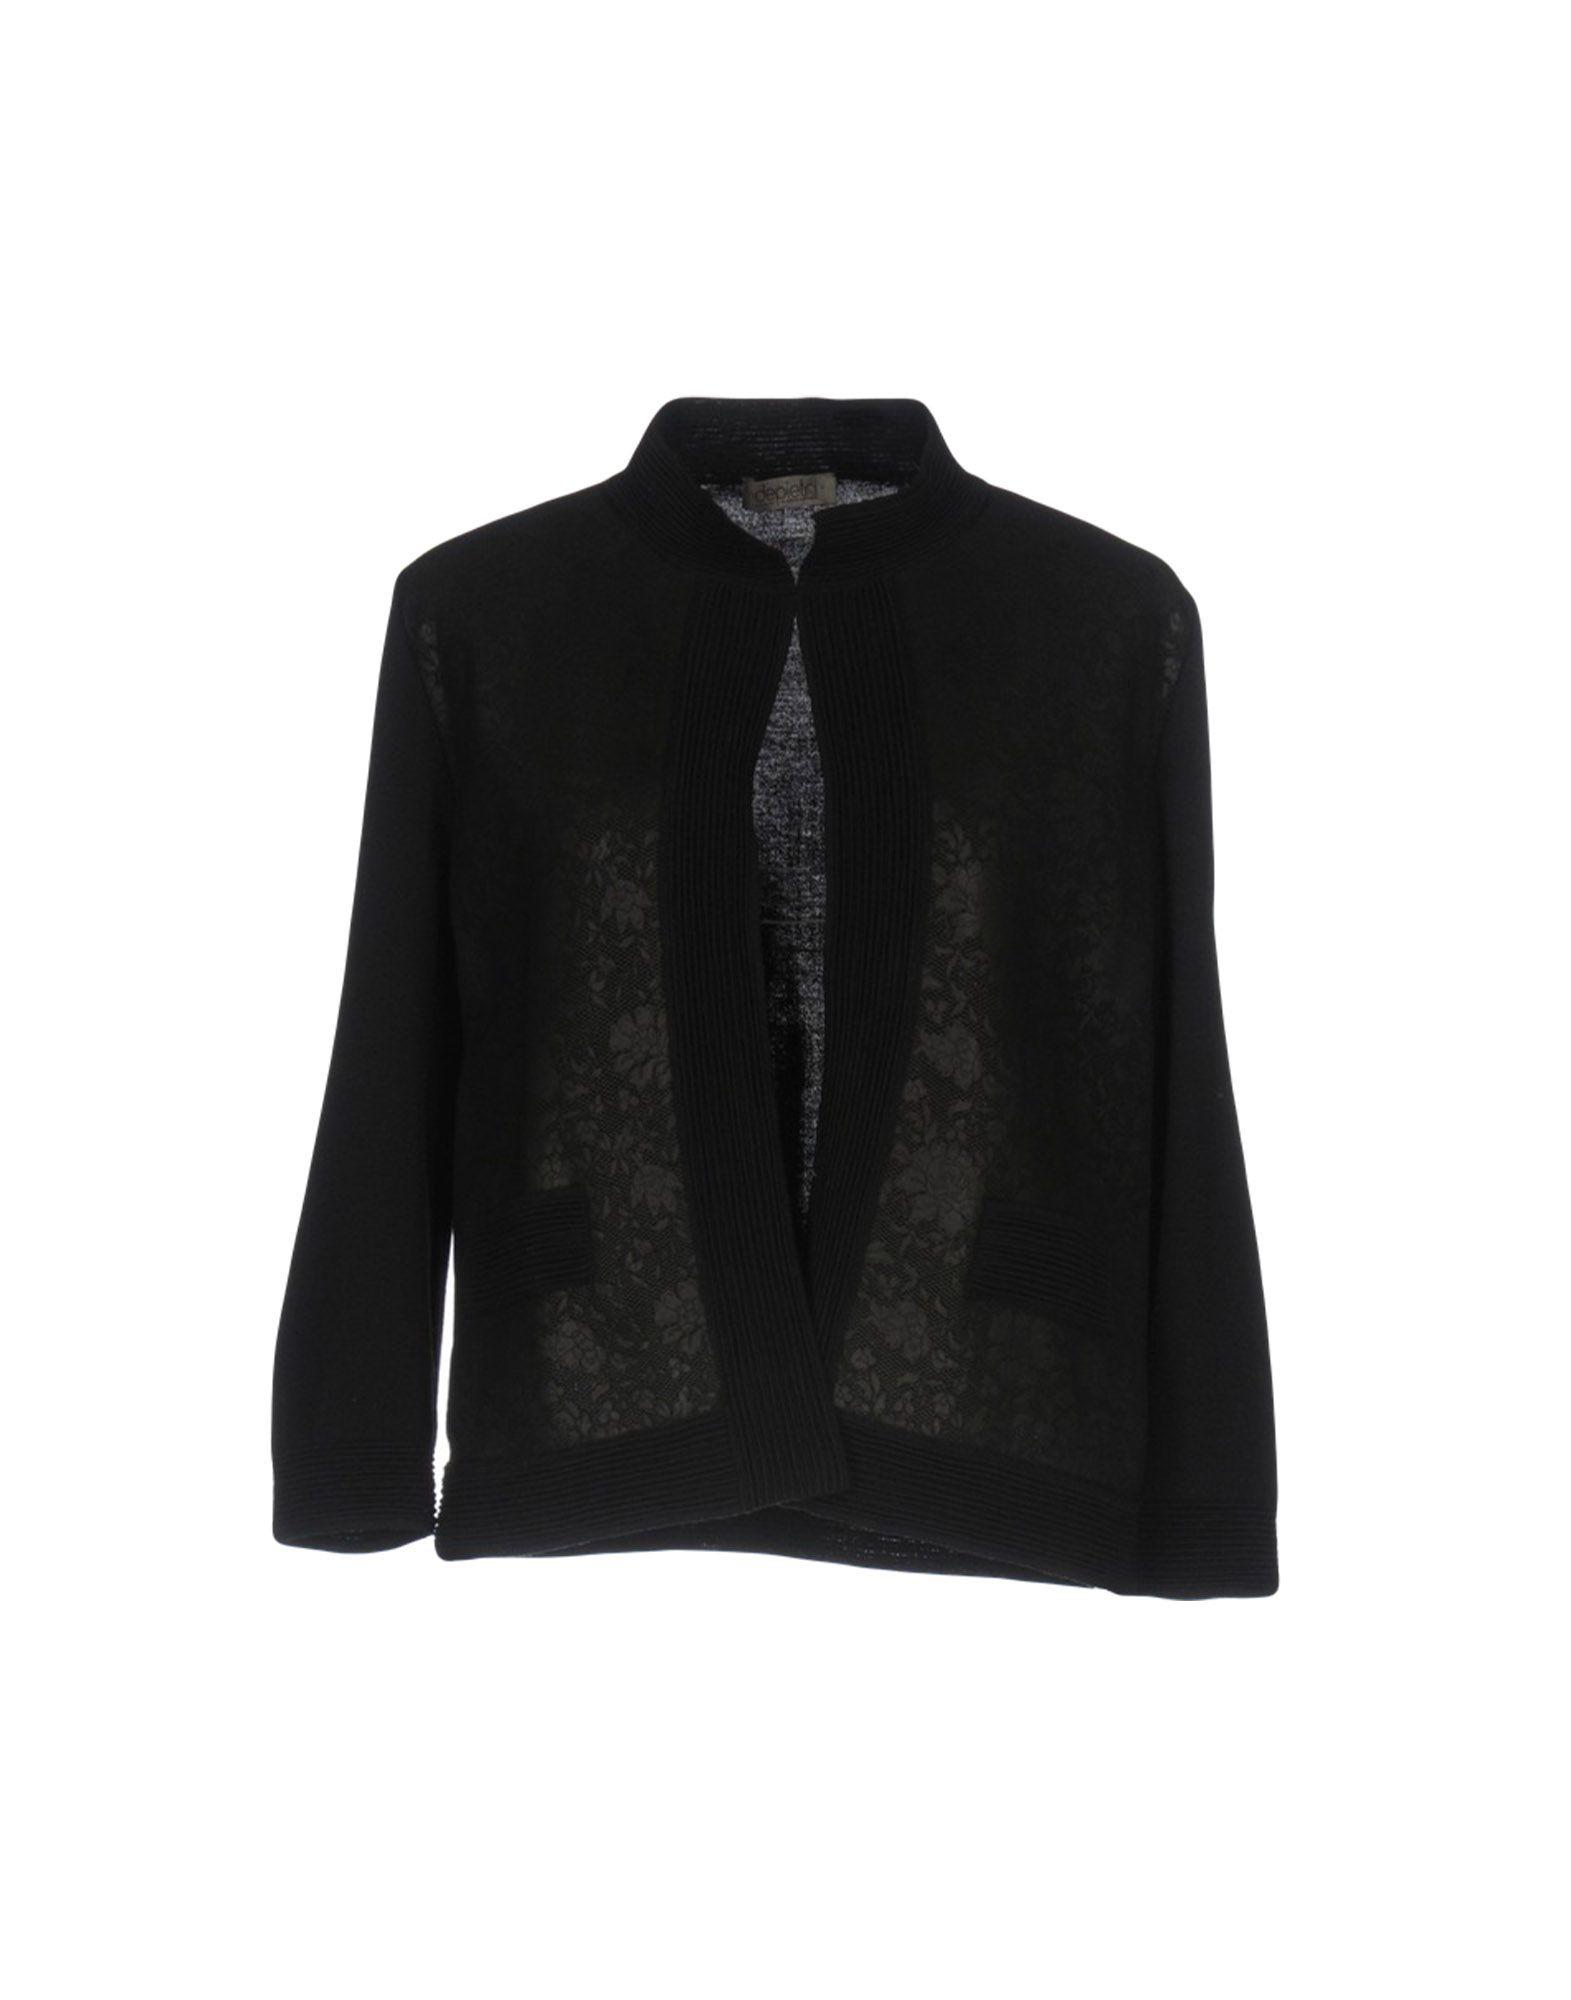 DE PIETRI Damen Strickjacke Farbe Schwarz Größe 4 - broschei